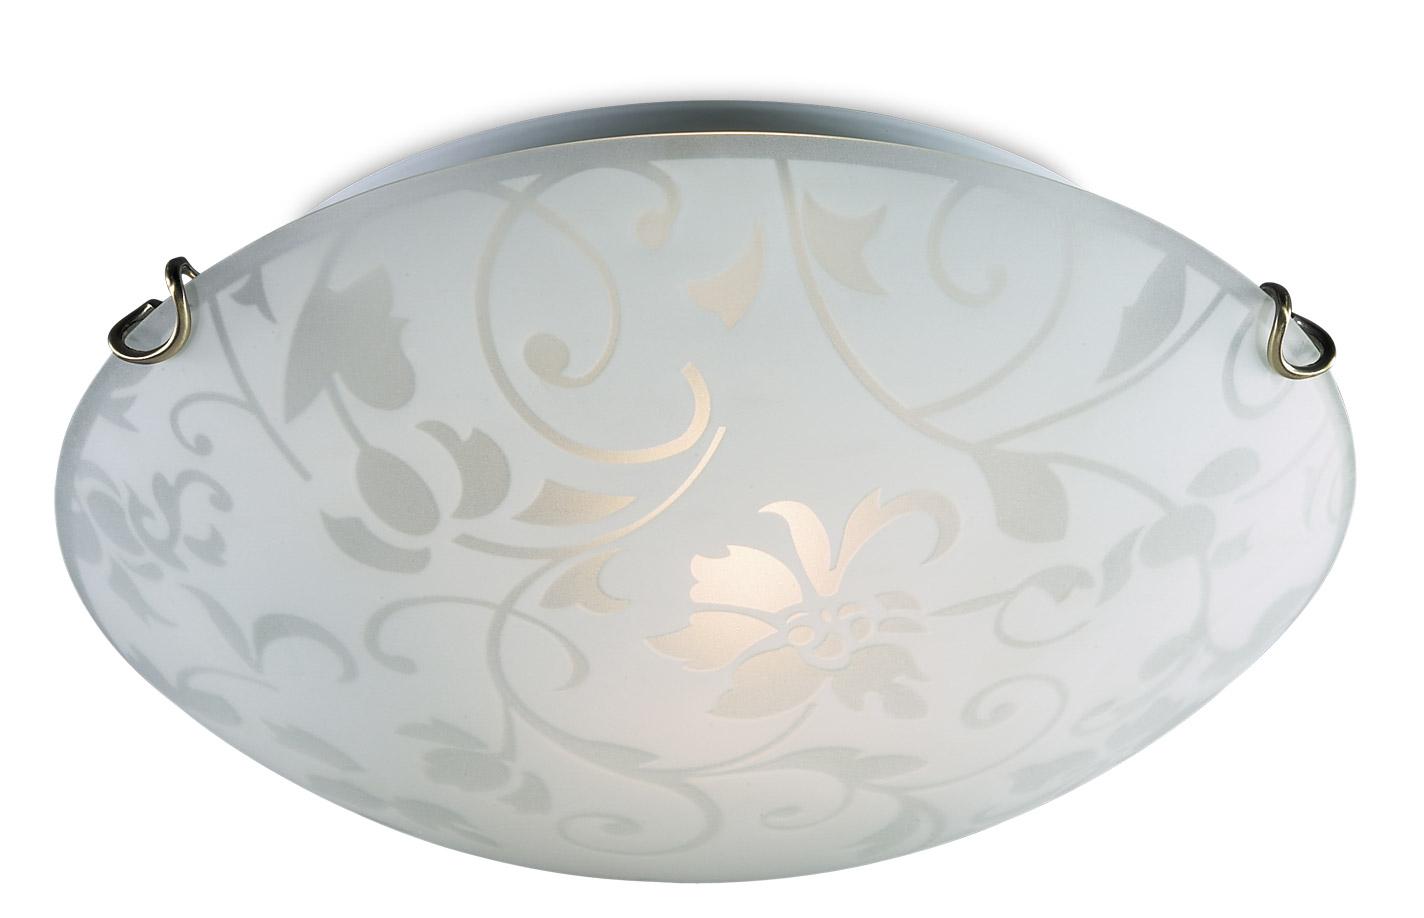 потолочный светильник сонекс 3227 fbr12 014 Светильник настенно-потолочный СОНЕКС 308